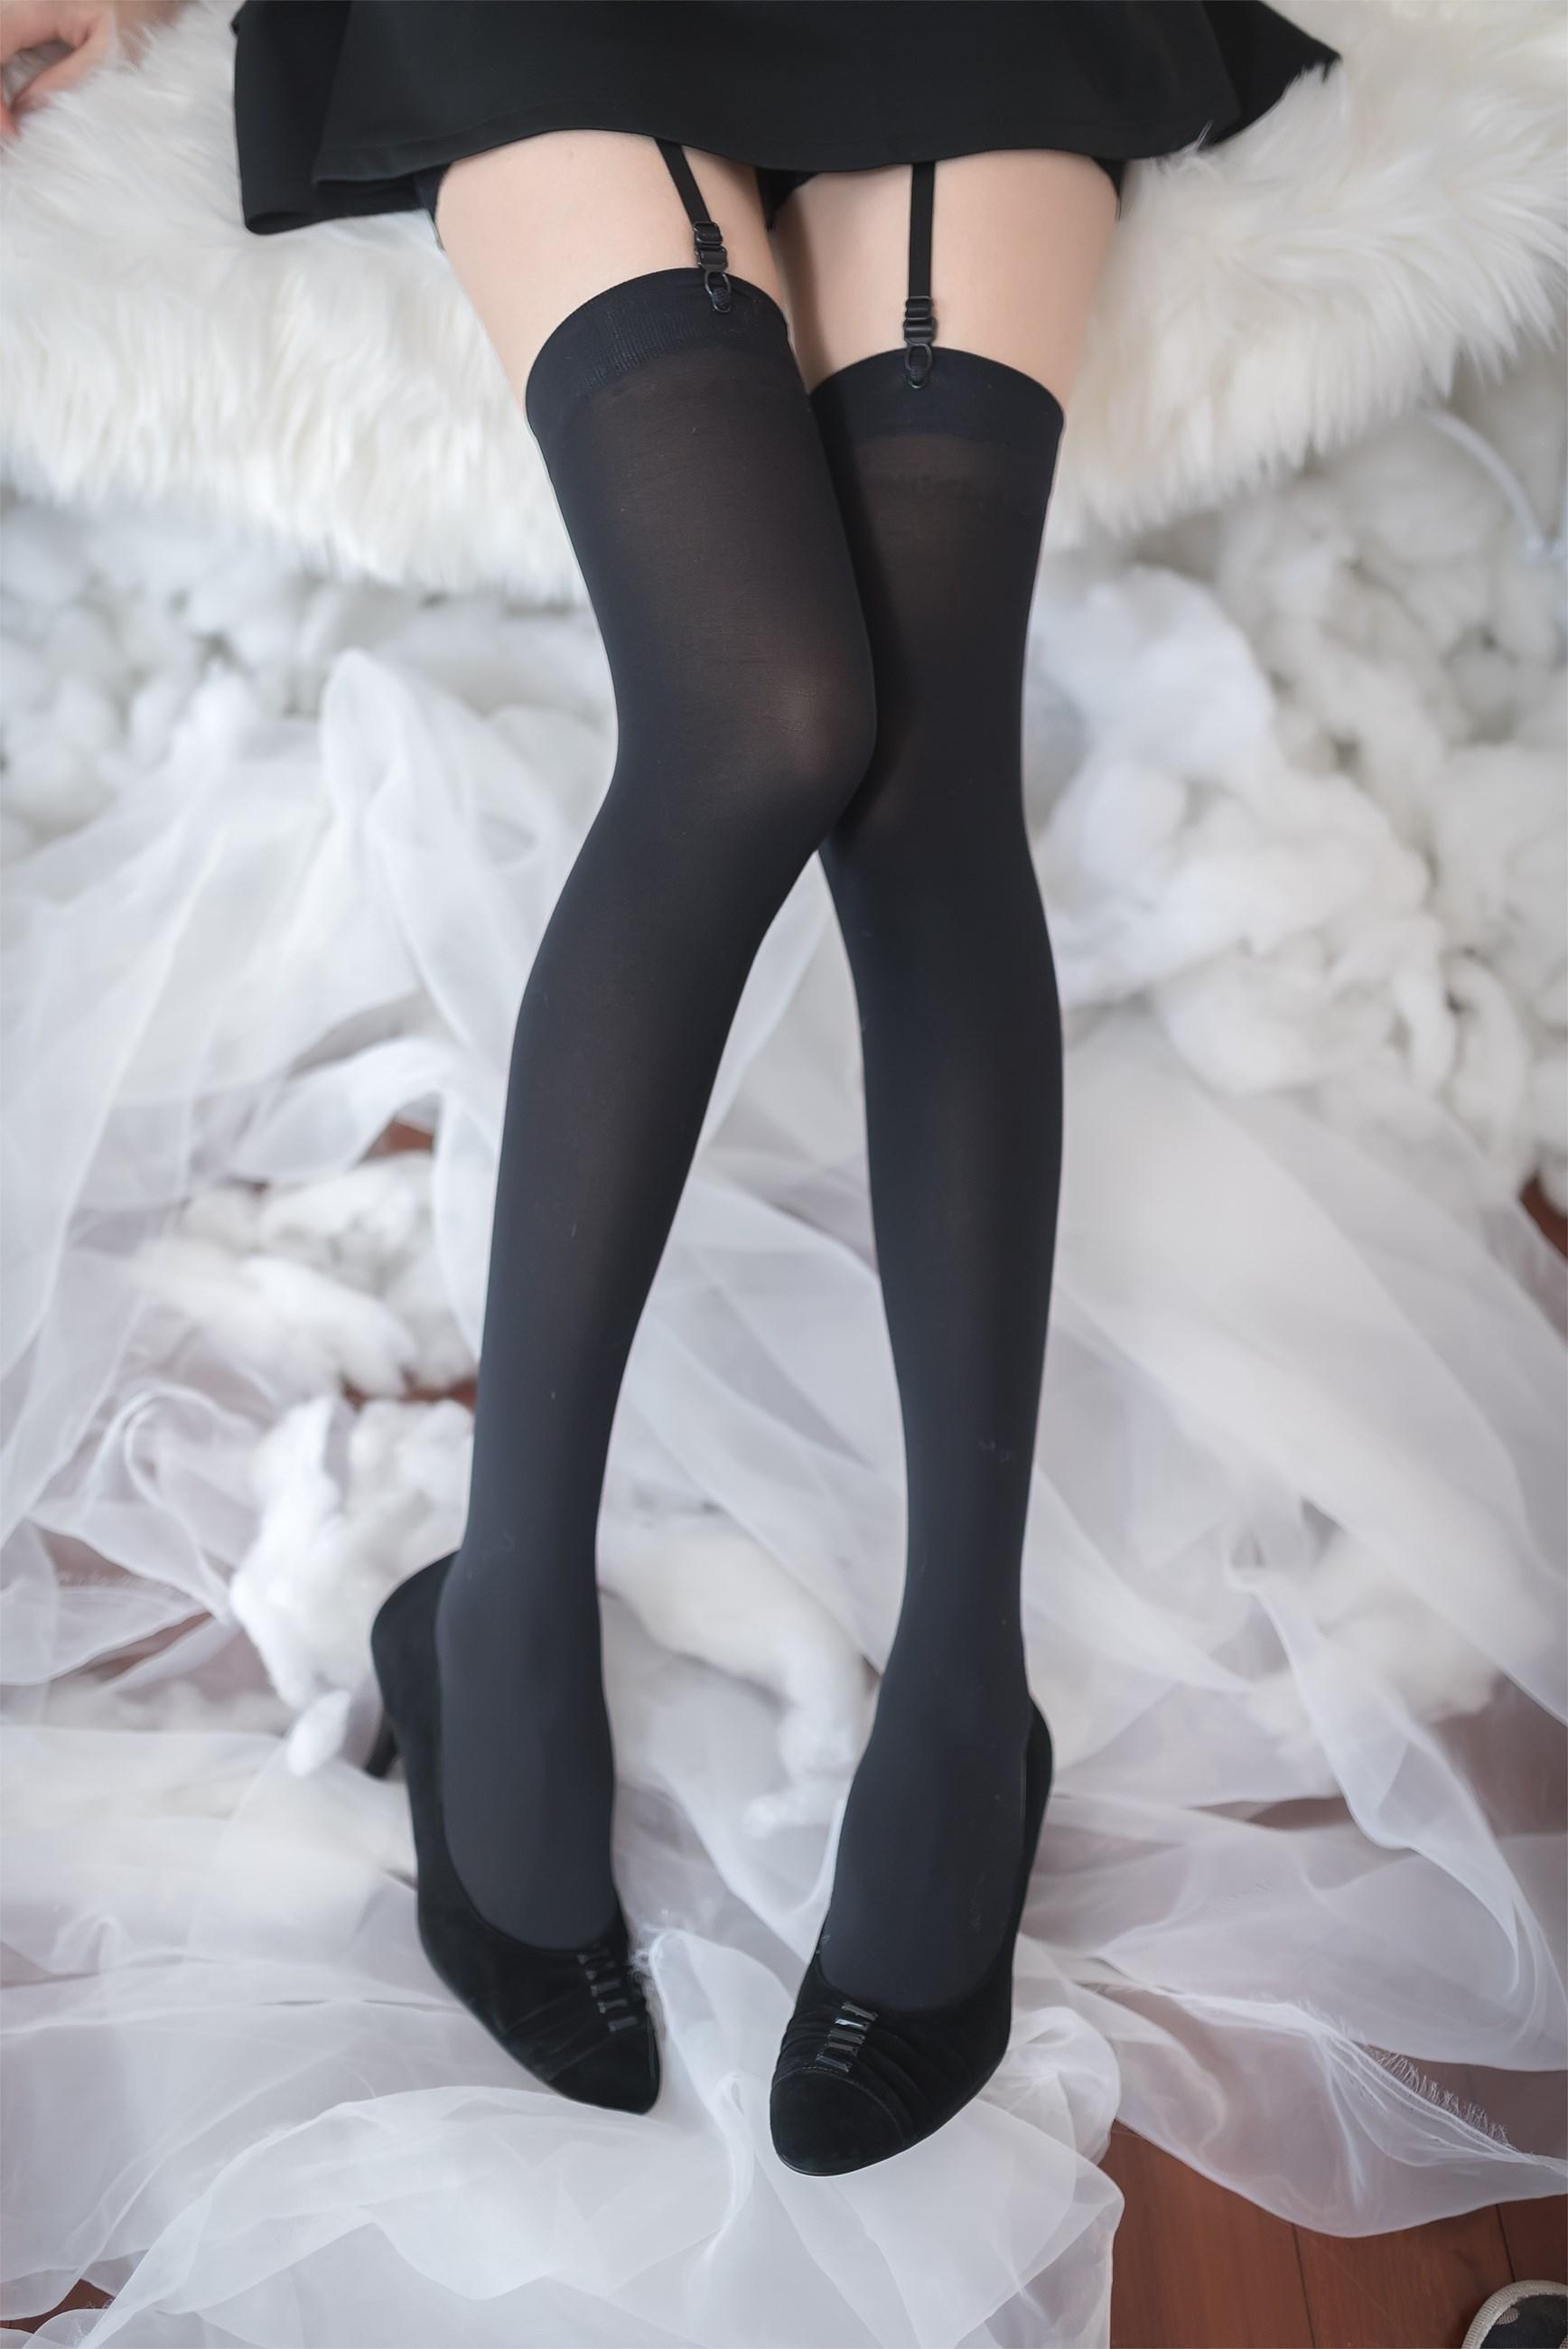 【兔玩映画】吊带 · 丝袜 · 天使 兔玩映画 第3张